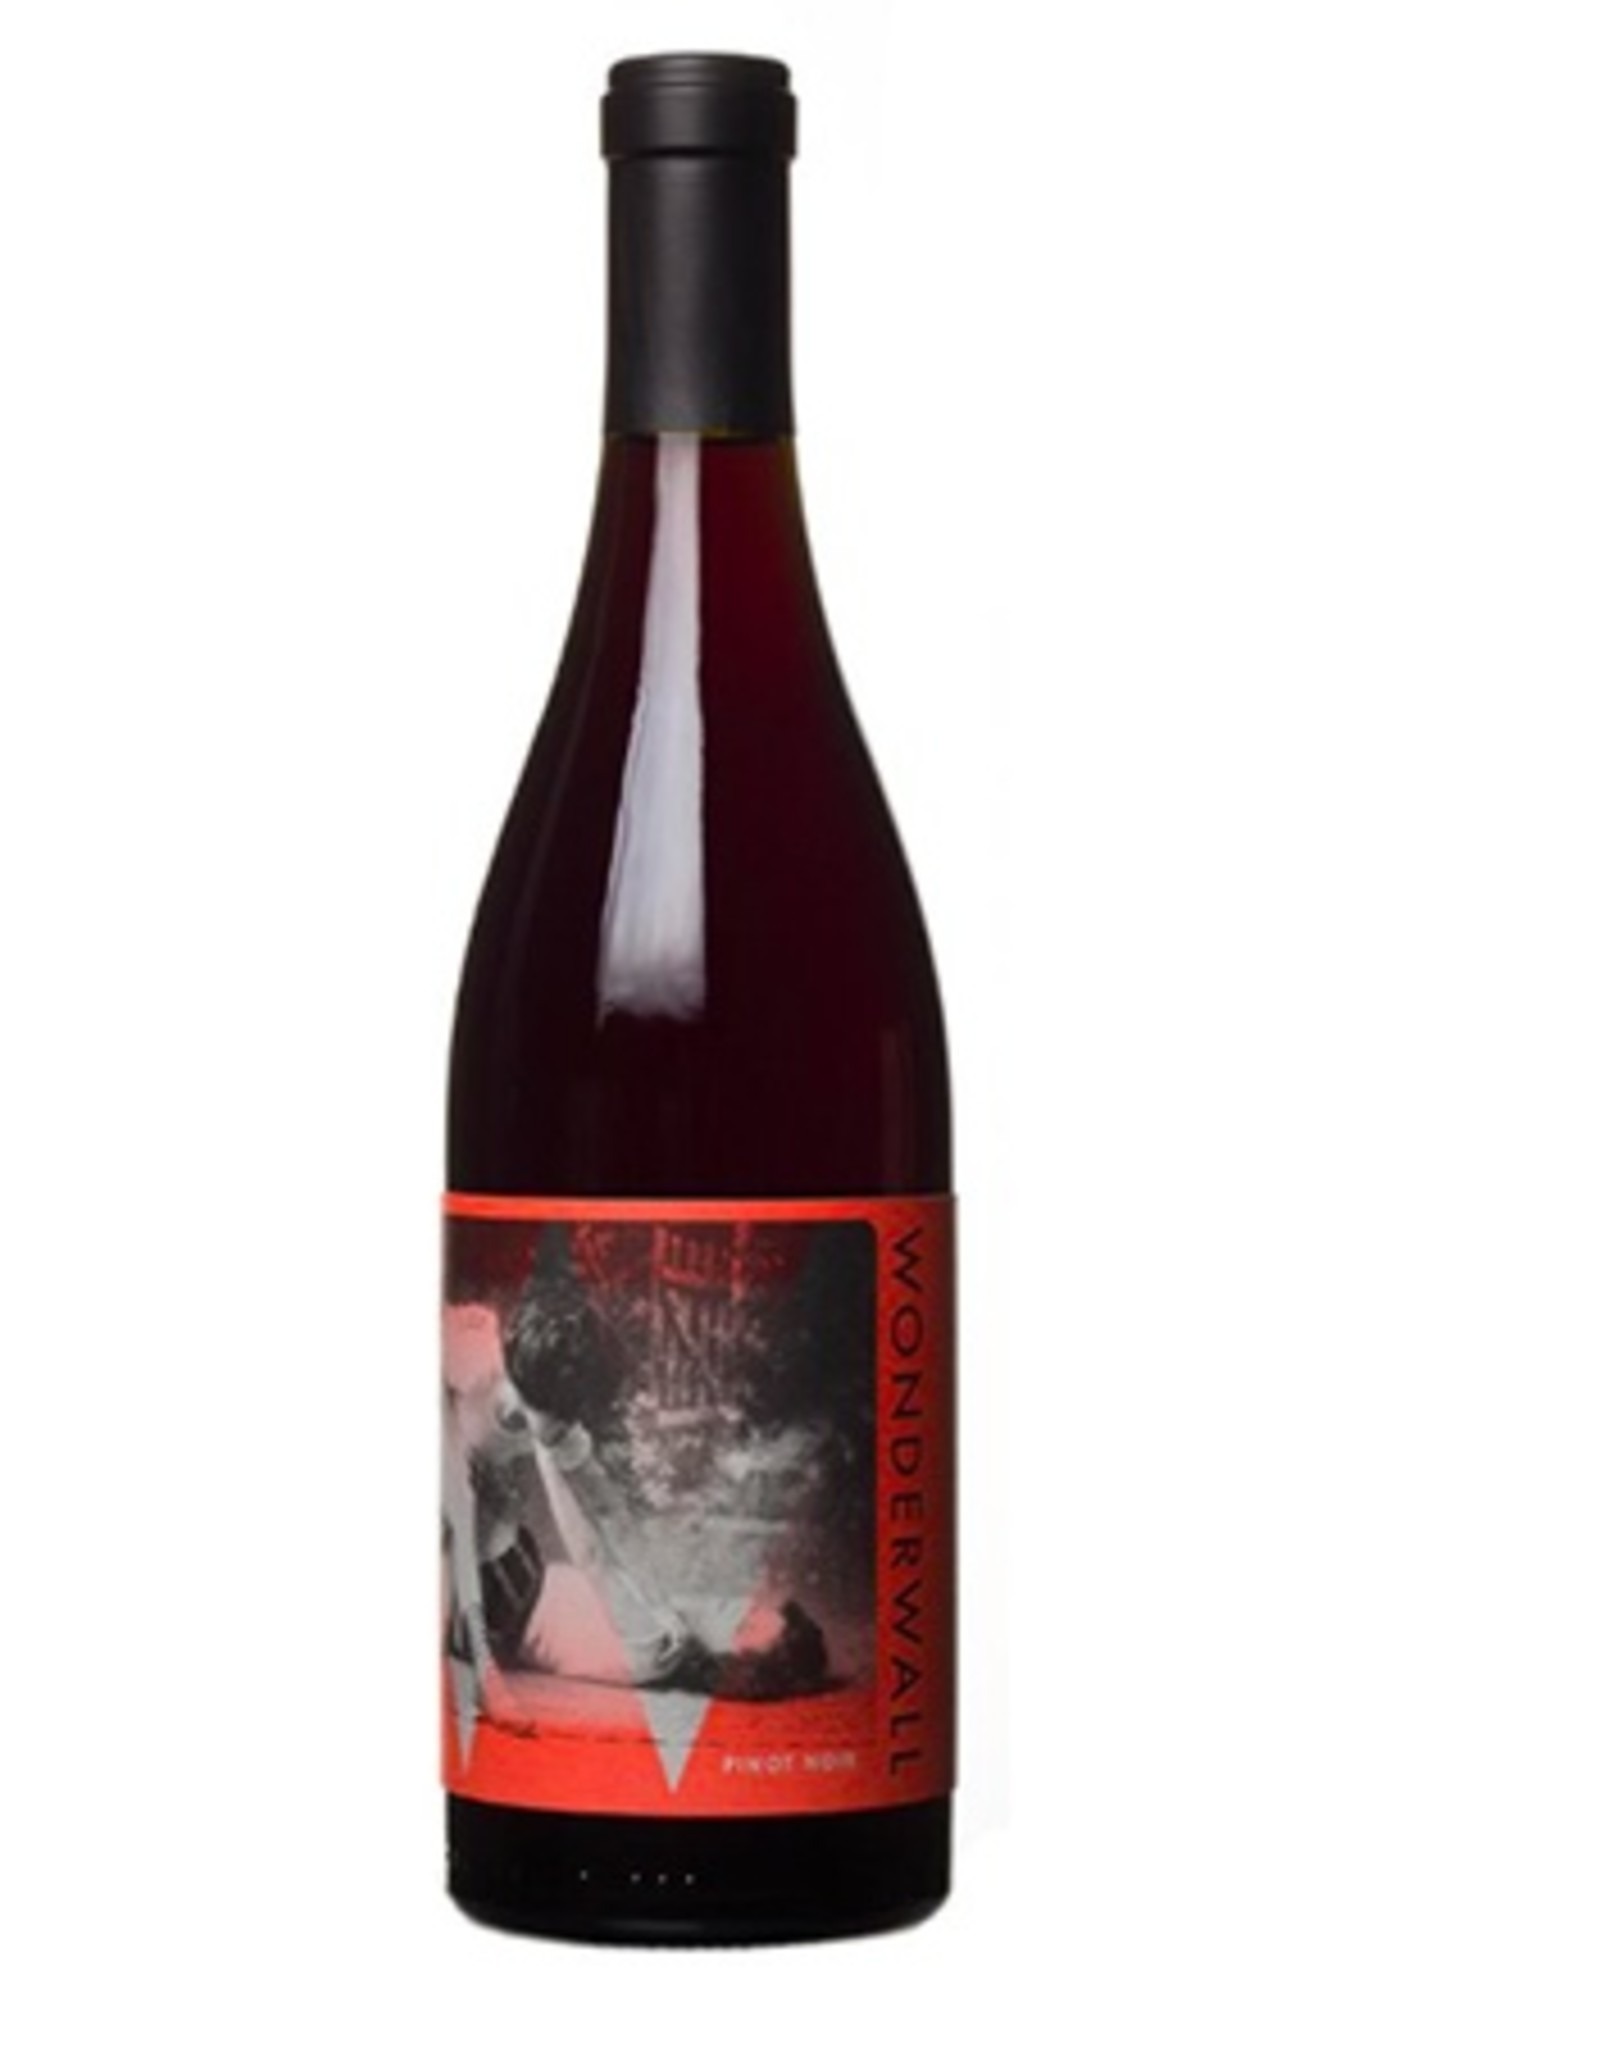 Wonderwall Pinot Noir 2019